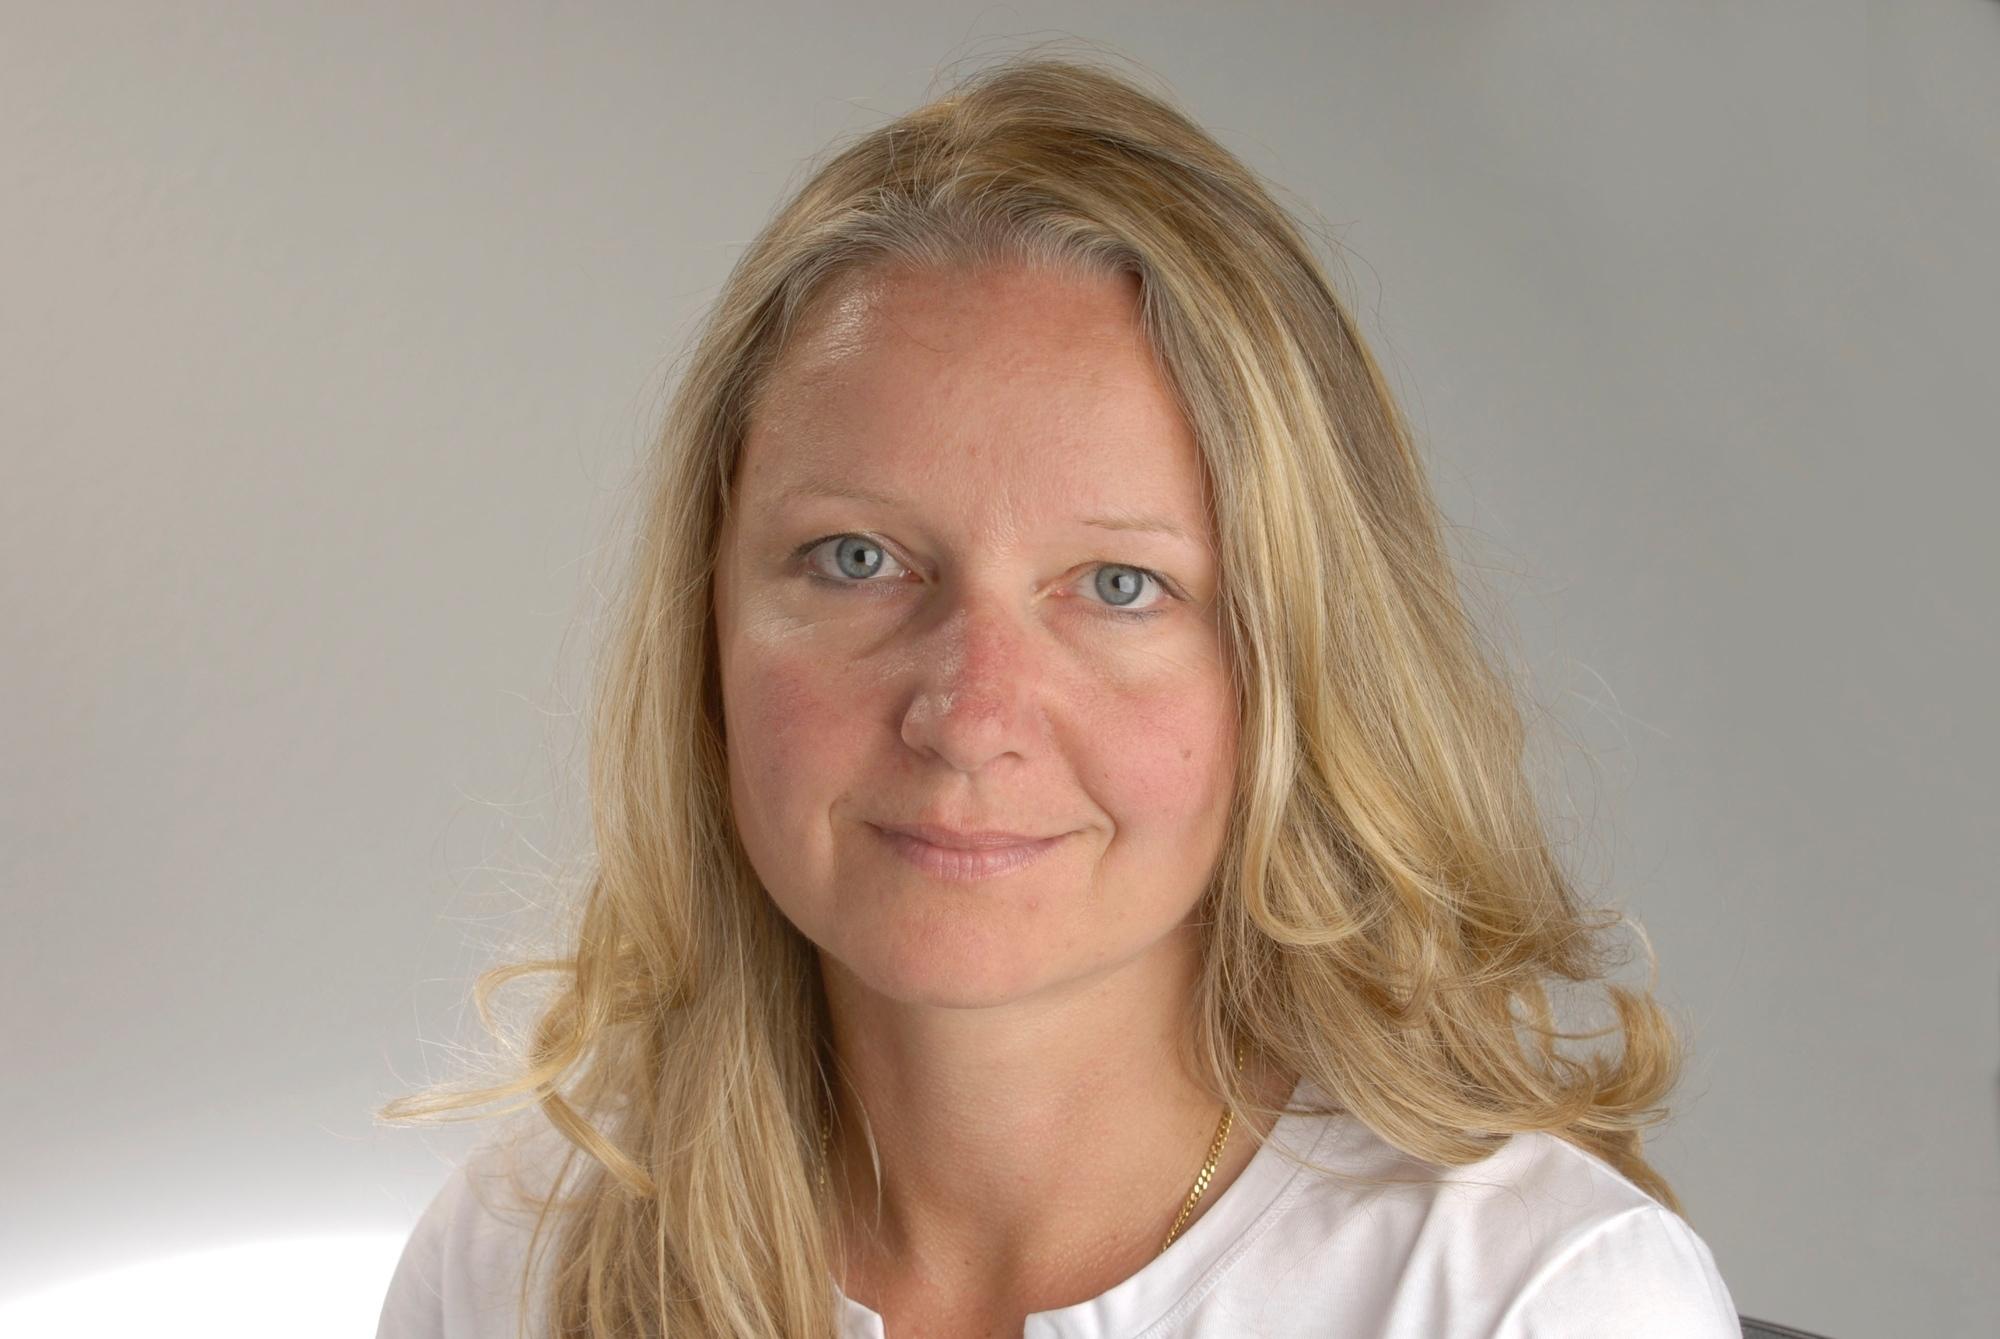 Michaela Roßner